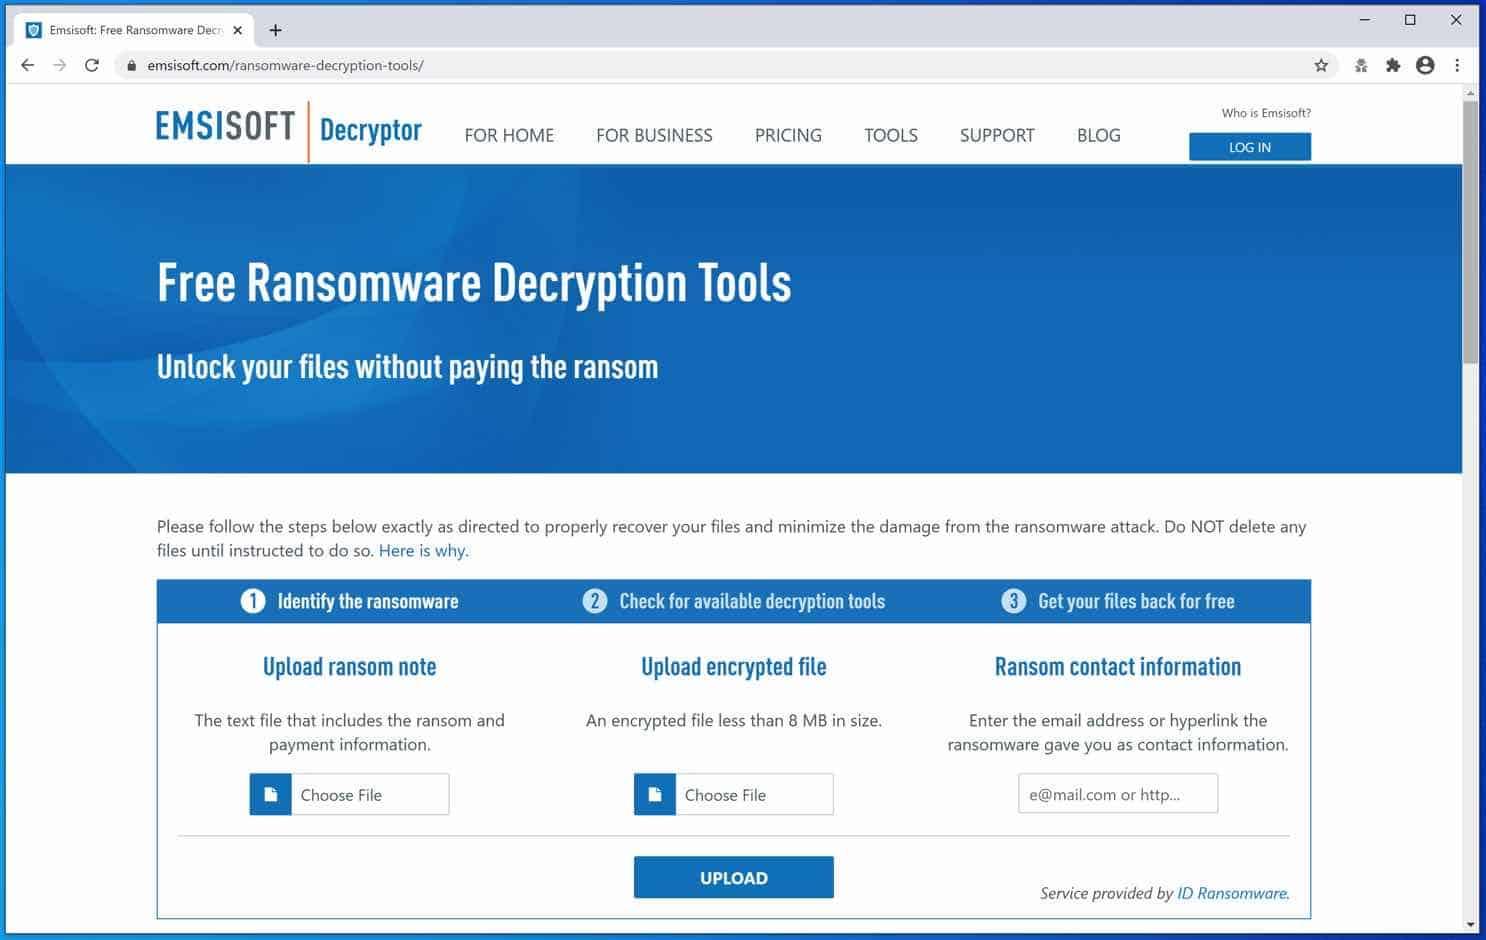 ferramentas de descriptografia emsisoft ransomware